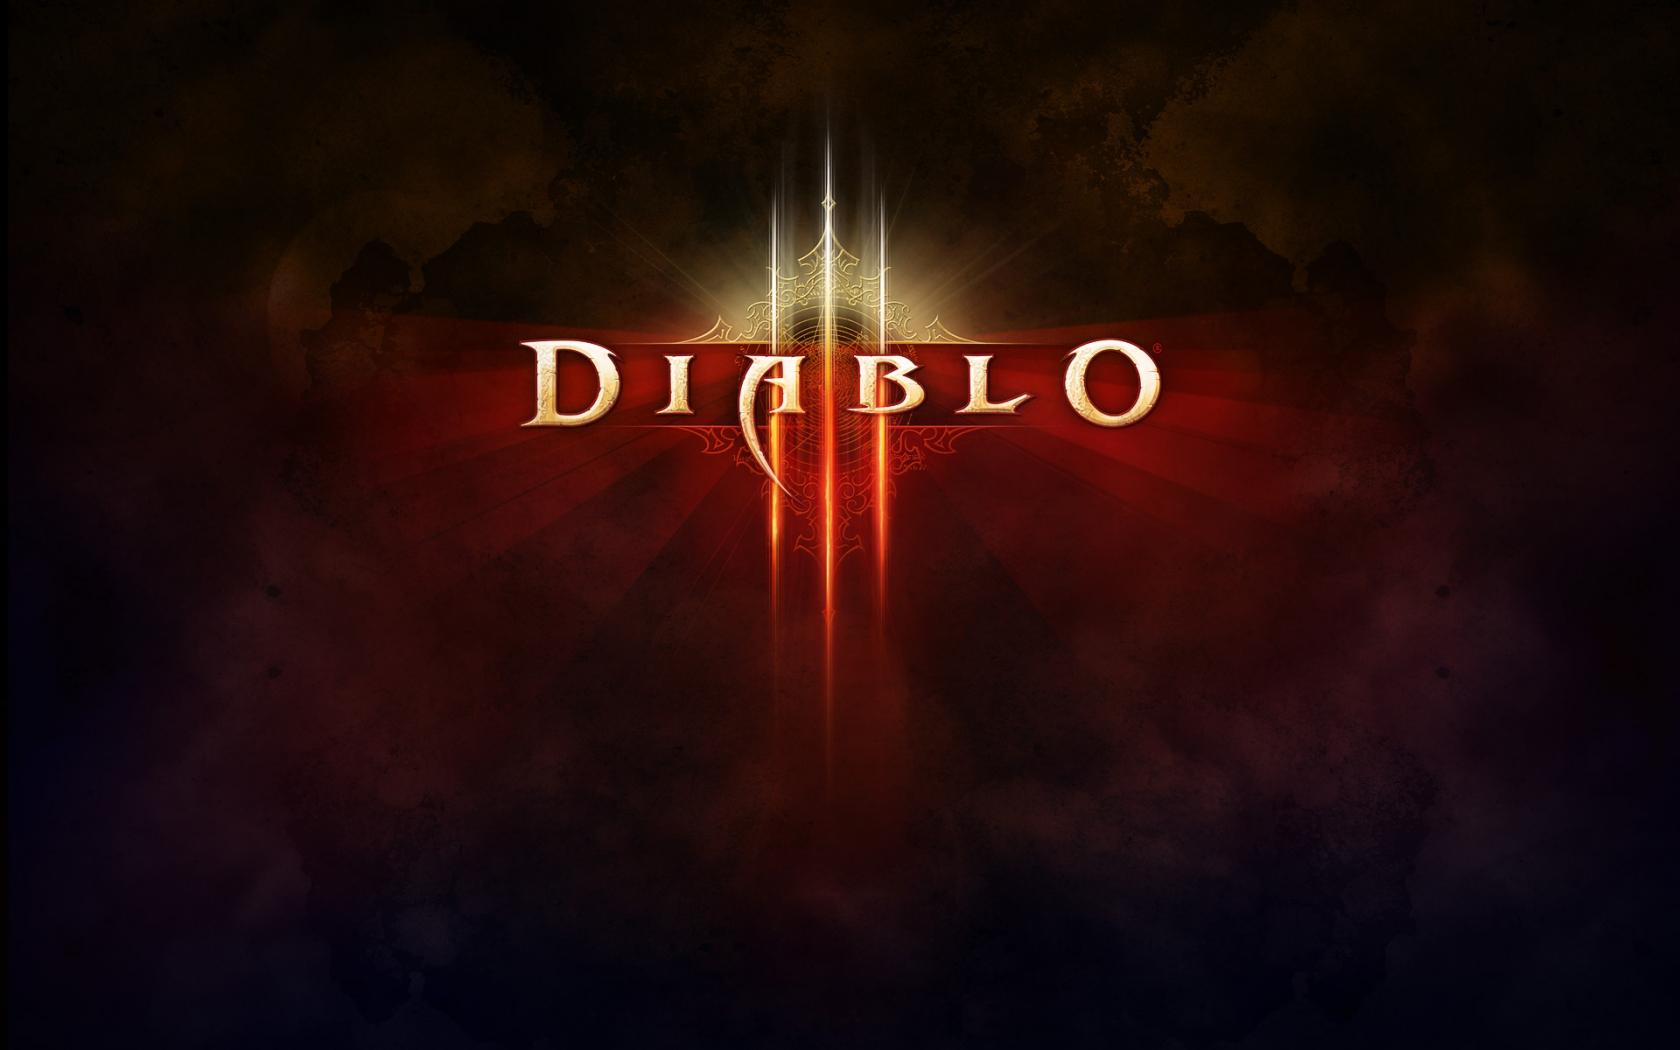 Diablo 3 - 1680x1050